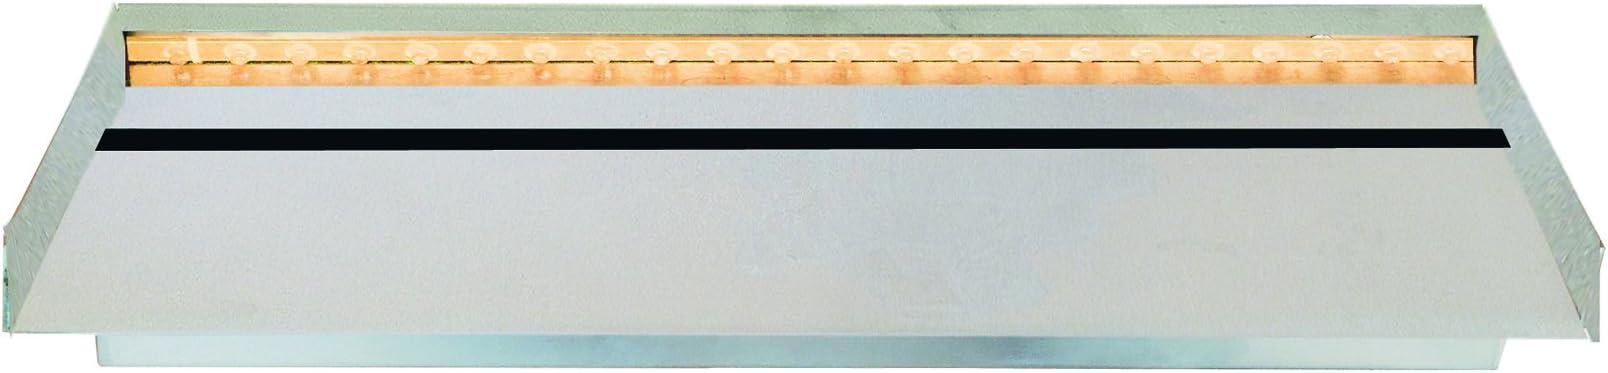 HEISSNER W 483-00 Cascata Unit/à 30CM acciaio inossidabile con luce LED